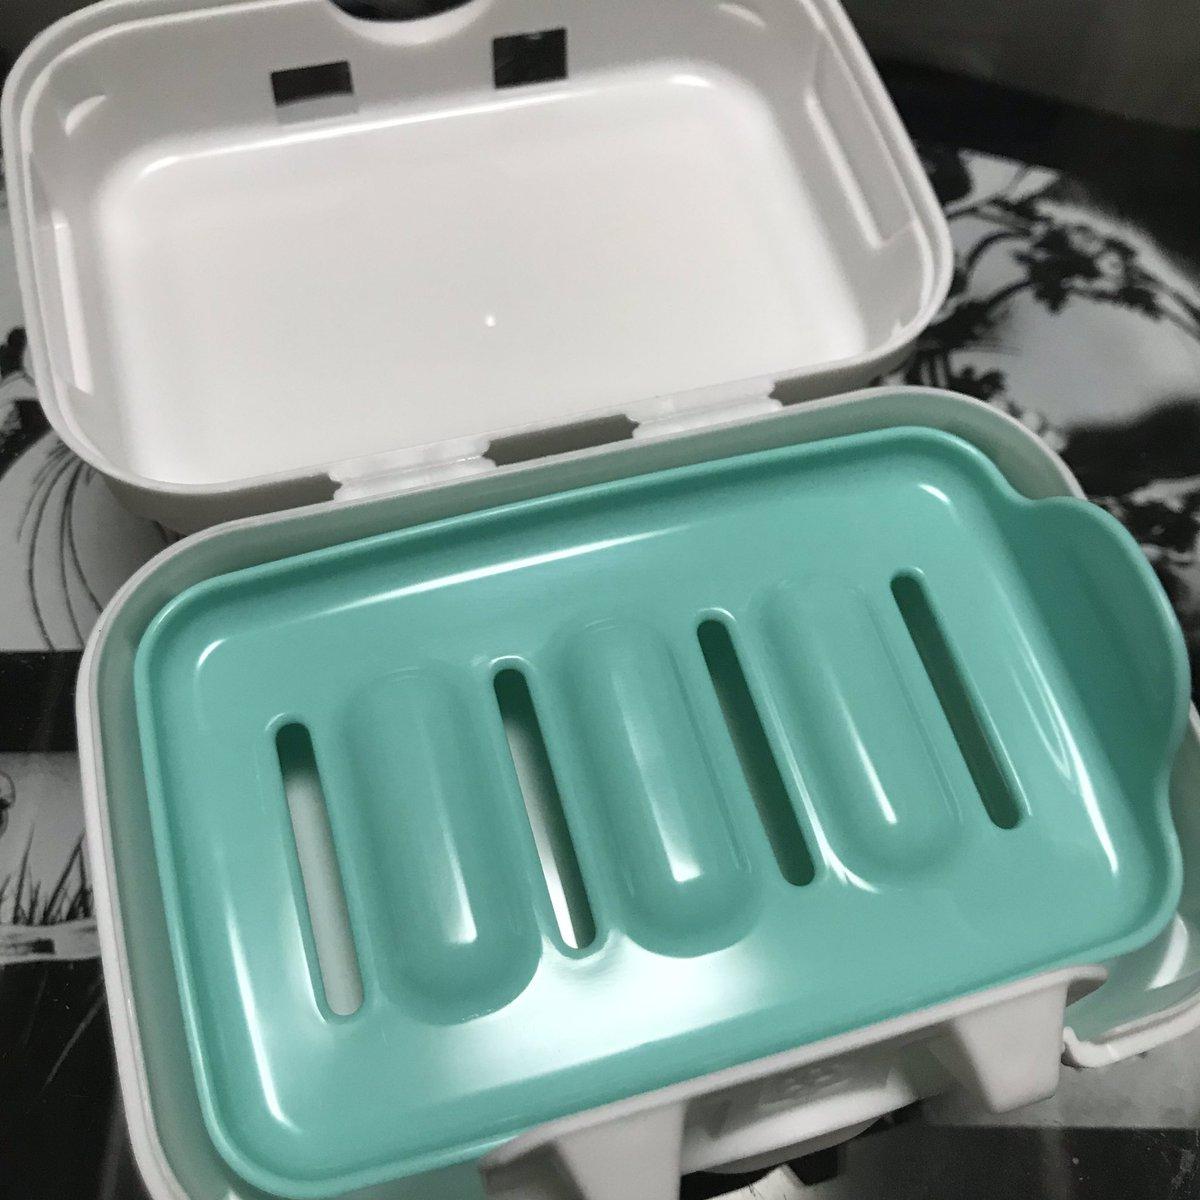 test ツイッターメディア - セリアの洗濯石けんケースがウタマロ石鹸意識しまくりで笑った #セリア #ウタマロ https://t.co/1NVWZggYoH